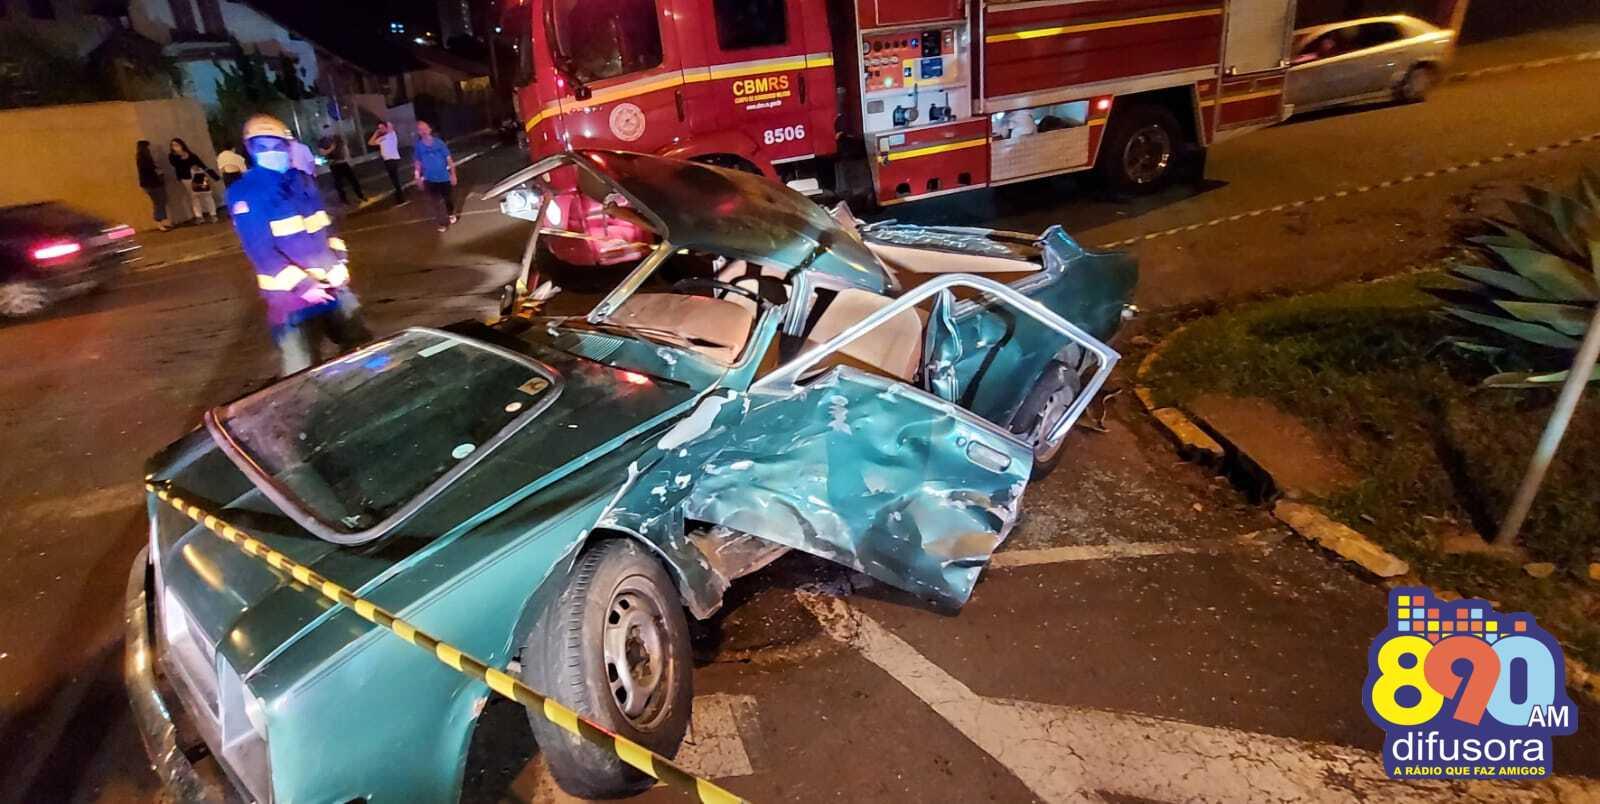 Acidente deixa três pessoas feridas no São Francisco, em Bento